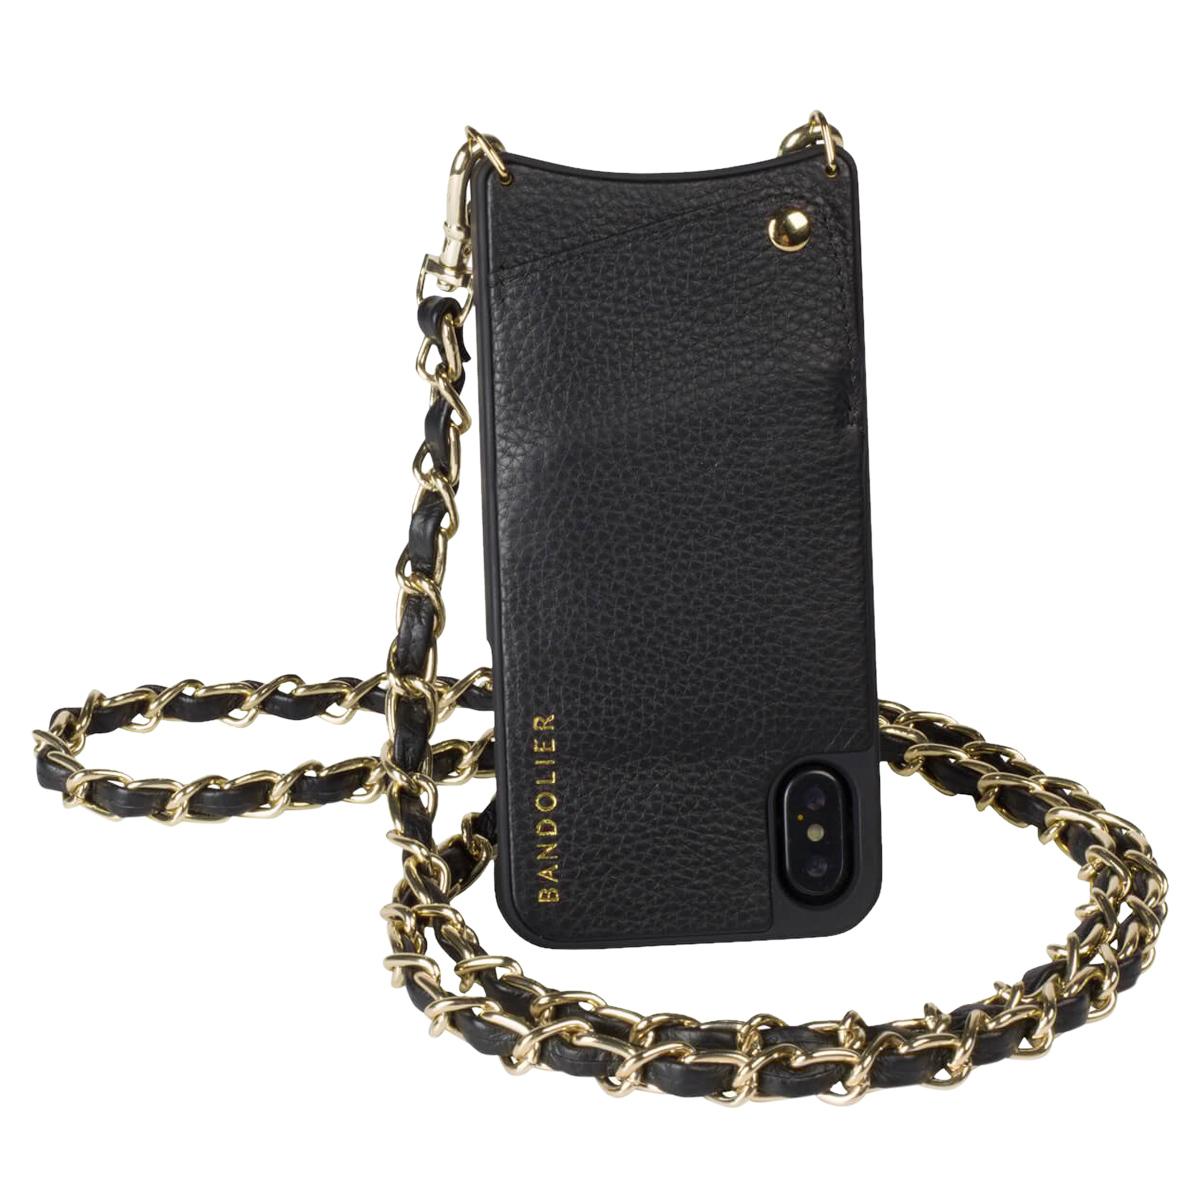 BANDOLIER iPhone XS MAX LUCY GOLD バンドリヤー ケース ショルダー スマホ アイフォン レザー メンズ レディース ブラック 10LCY1001 [3/18 再入荷] [193]